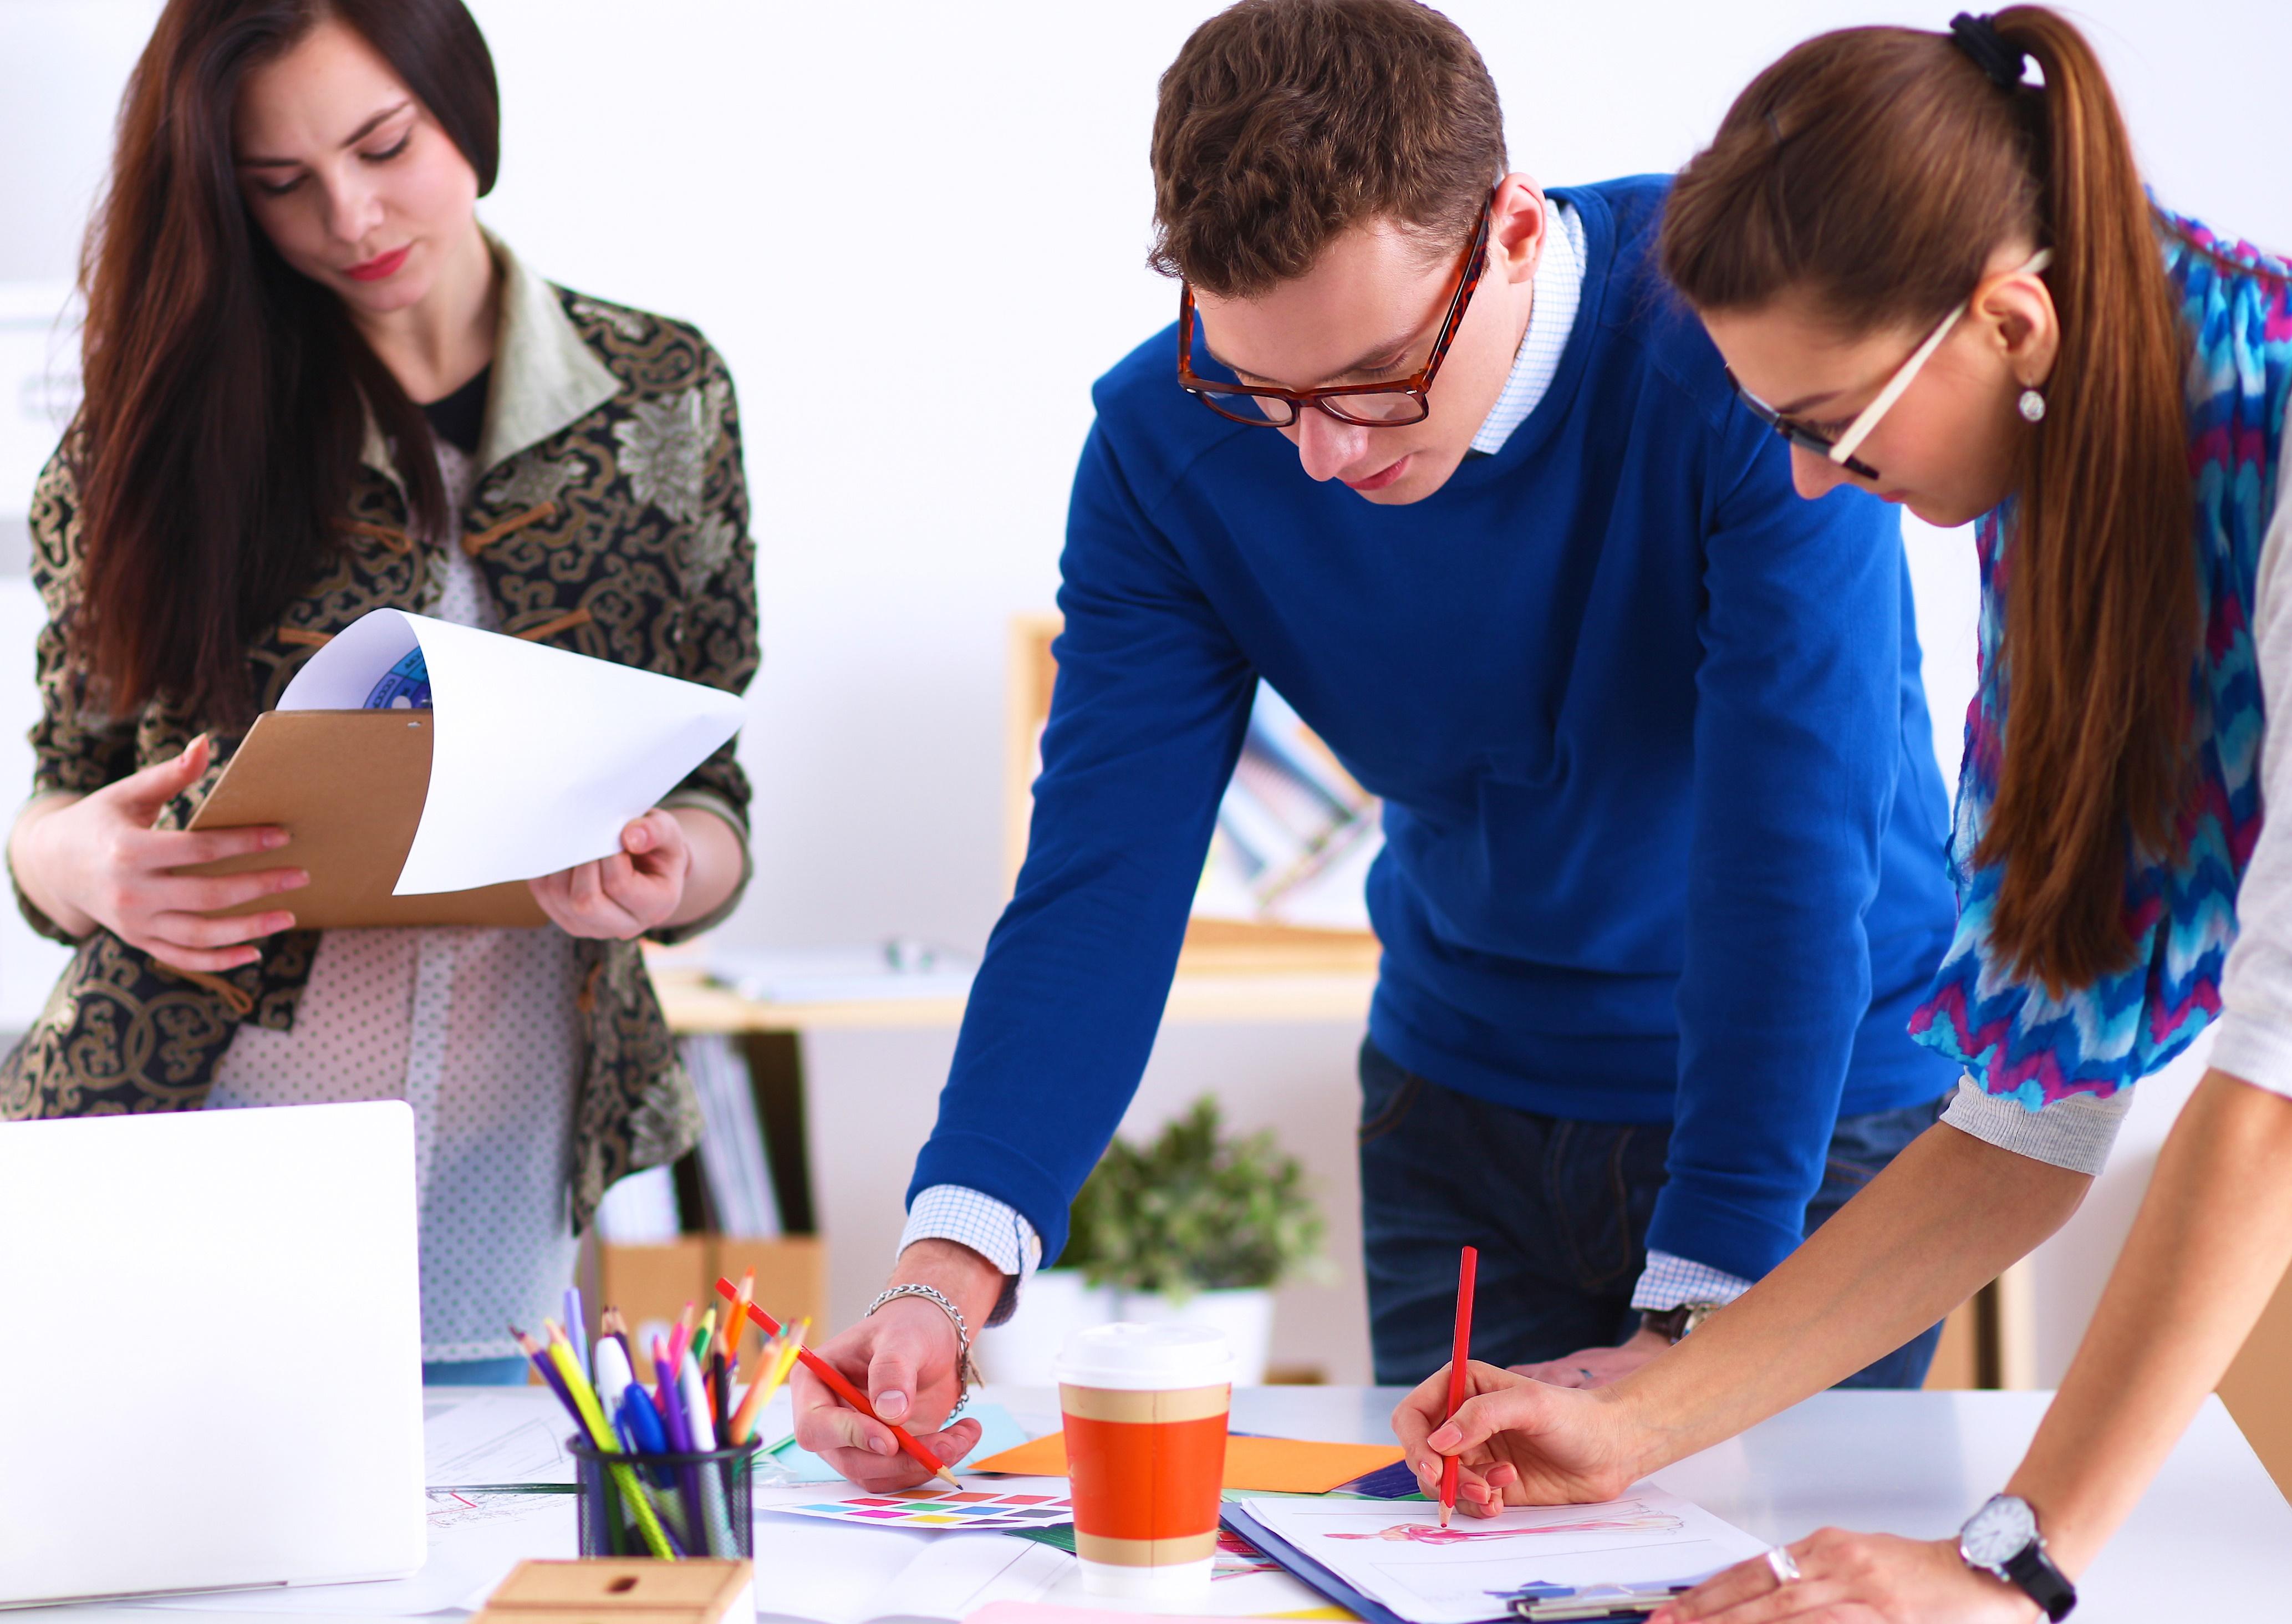 Lidé spolupracují z důvodu reciprocity, ne konformity, tvrdí výzkum